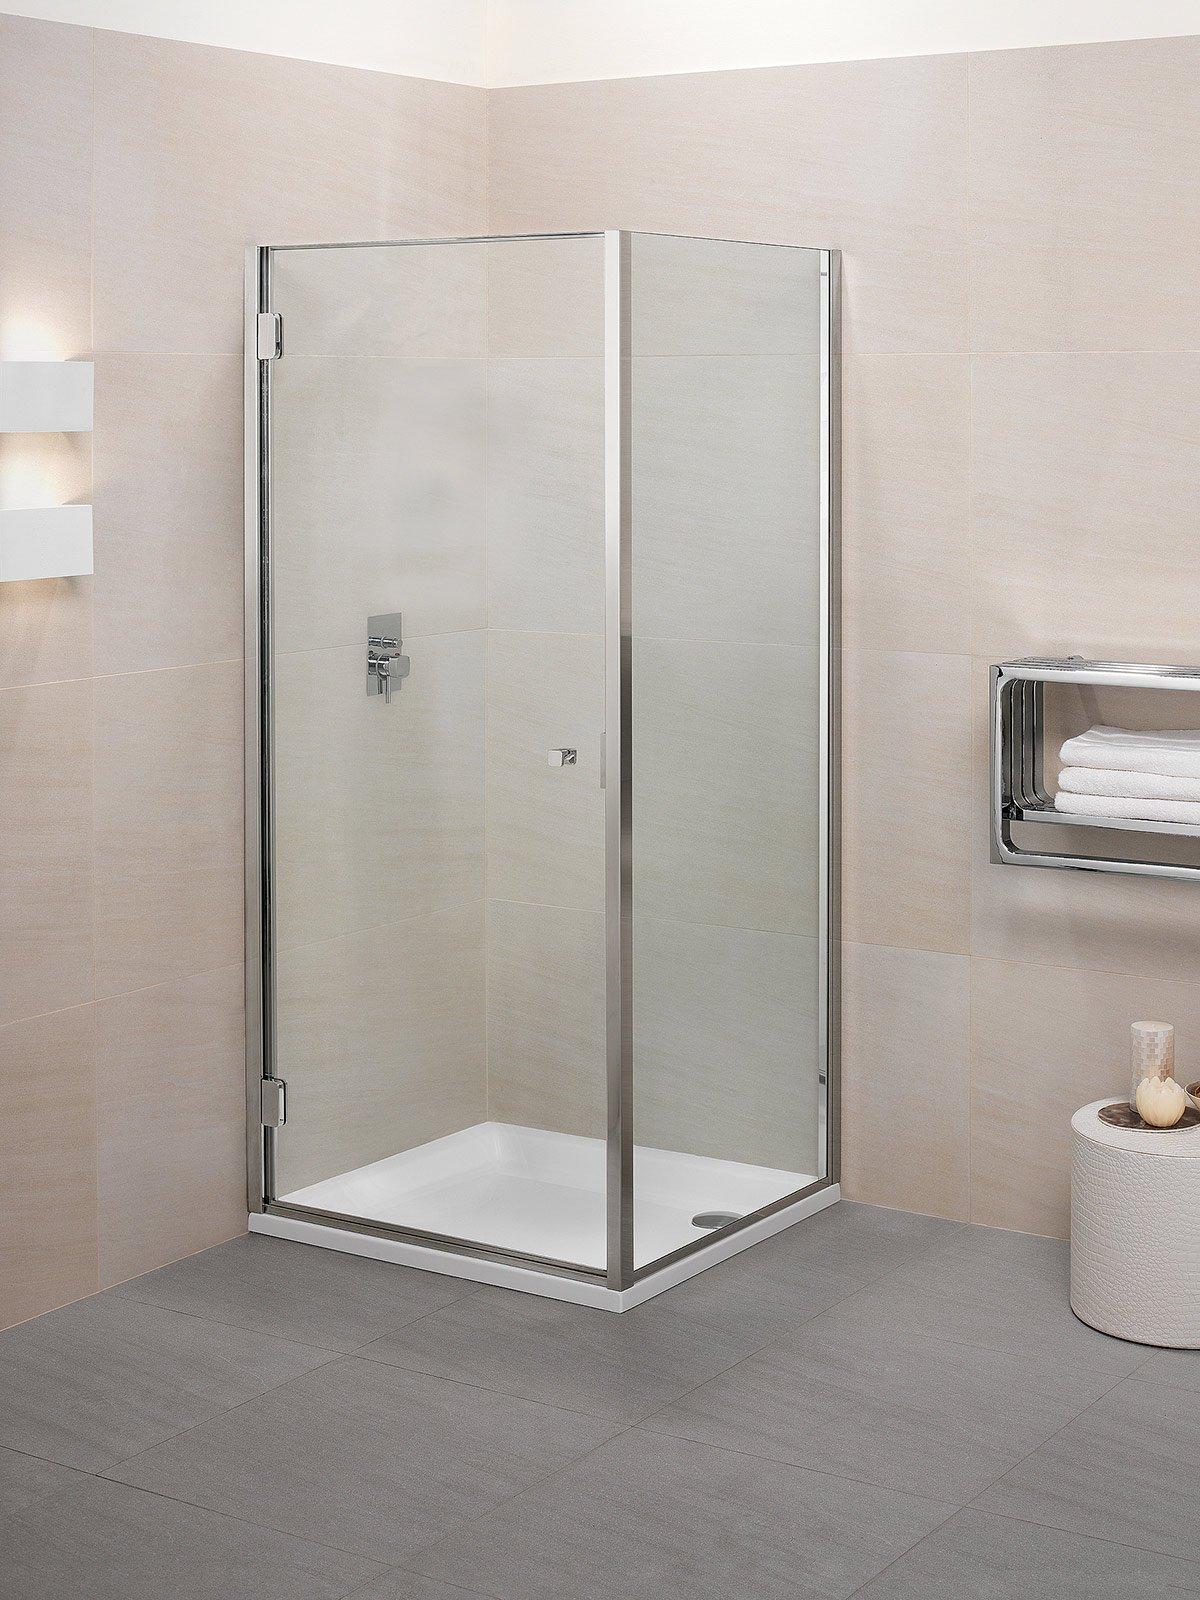 Scegliere il box doccia - Cose di Casa